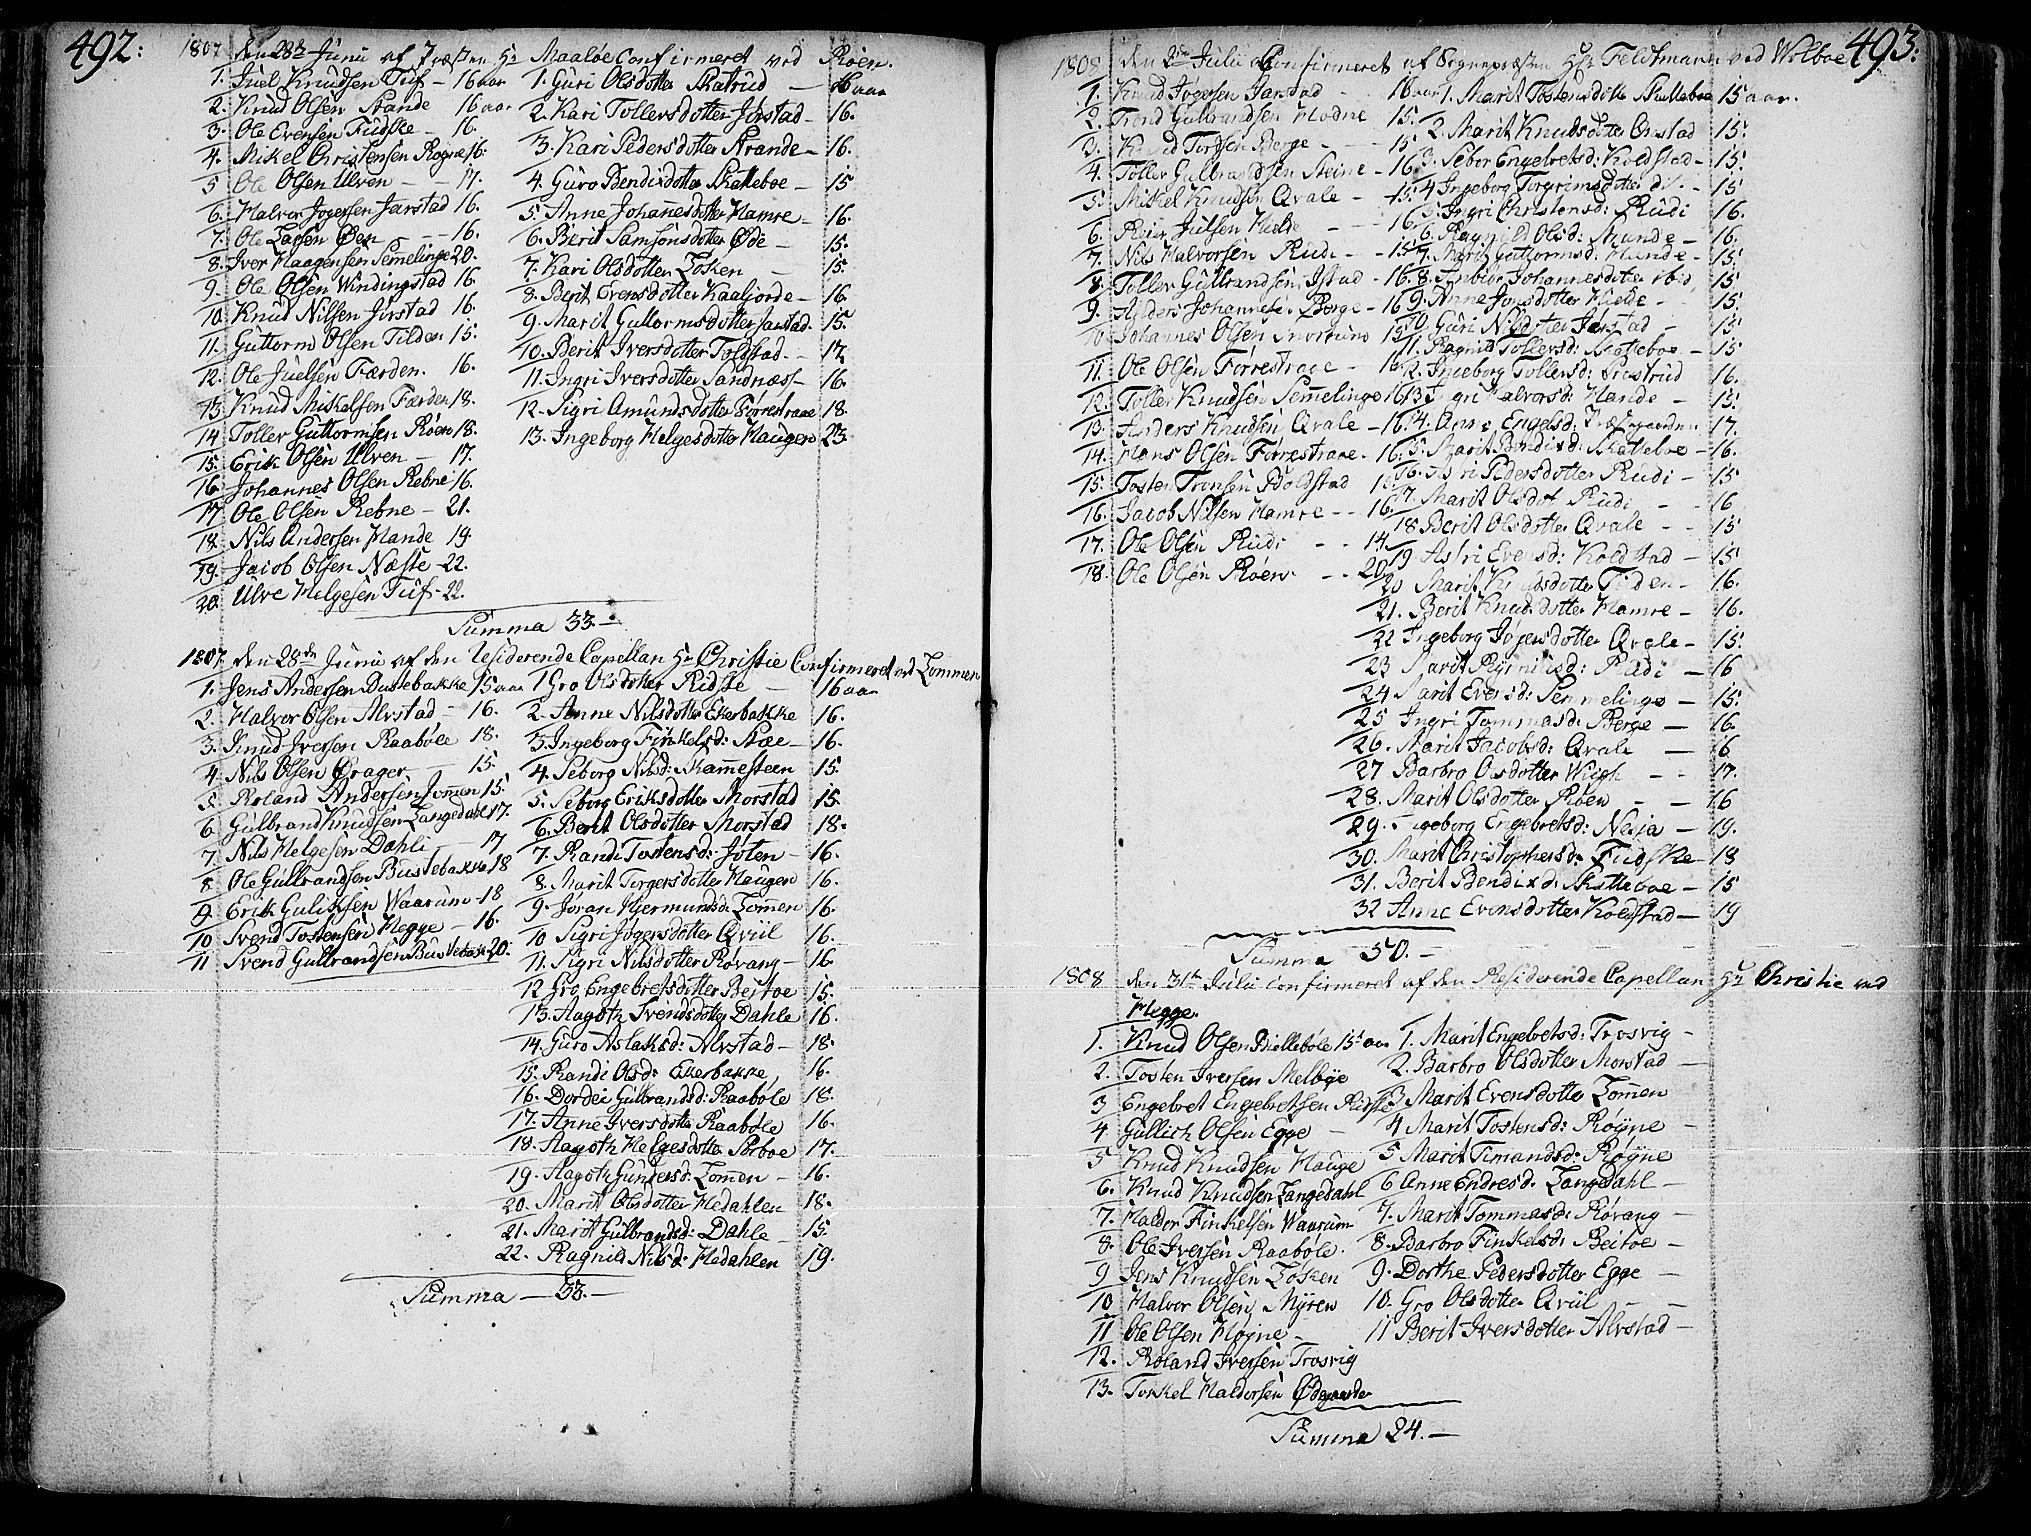 SAH, Slidre prestekontor, Ministerialbok nr. 1, 1724-1814, s. 492-493